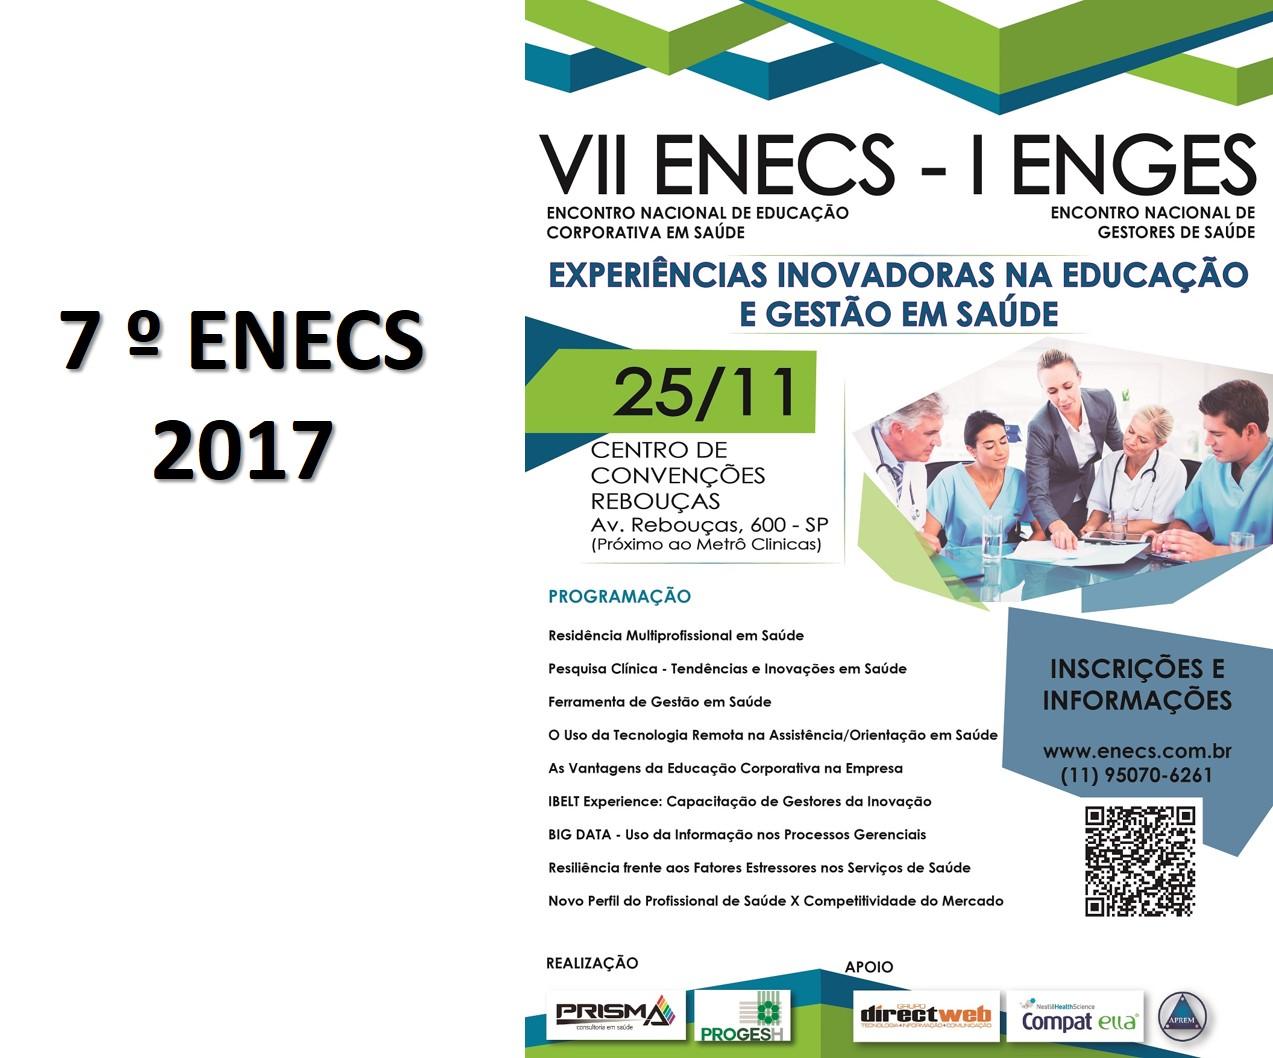 ENECS 2017